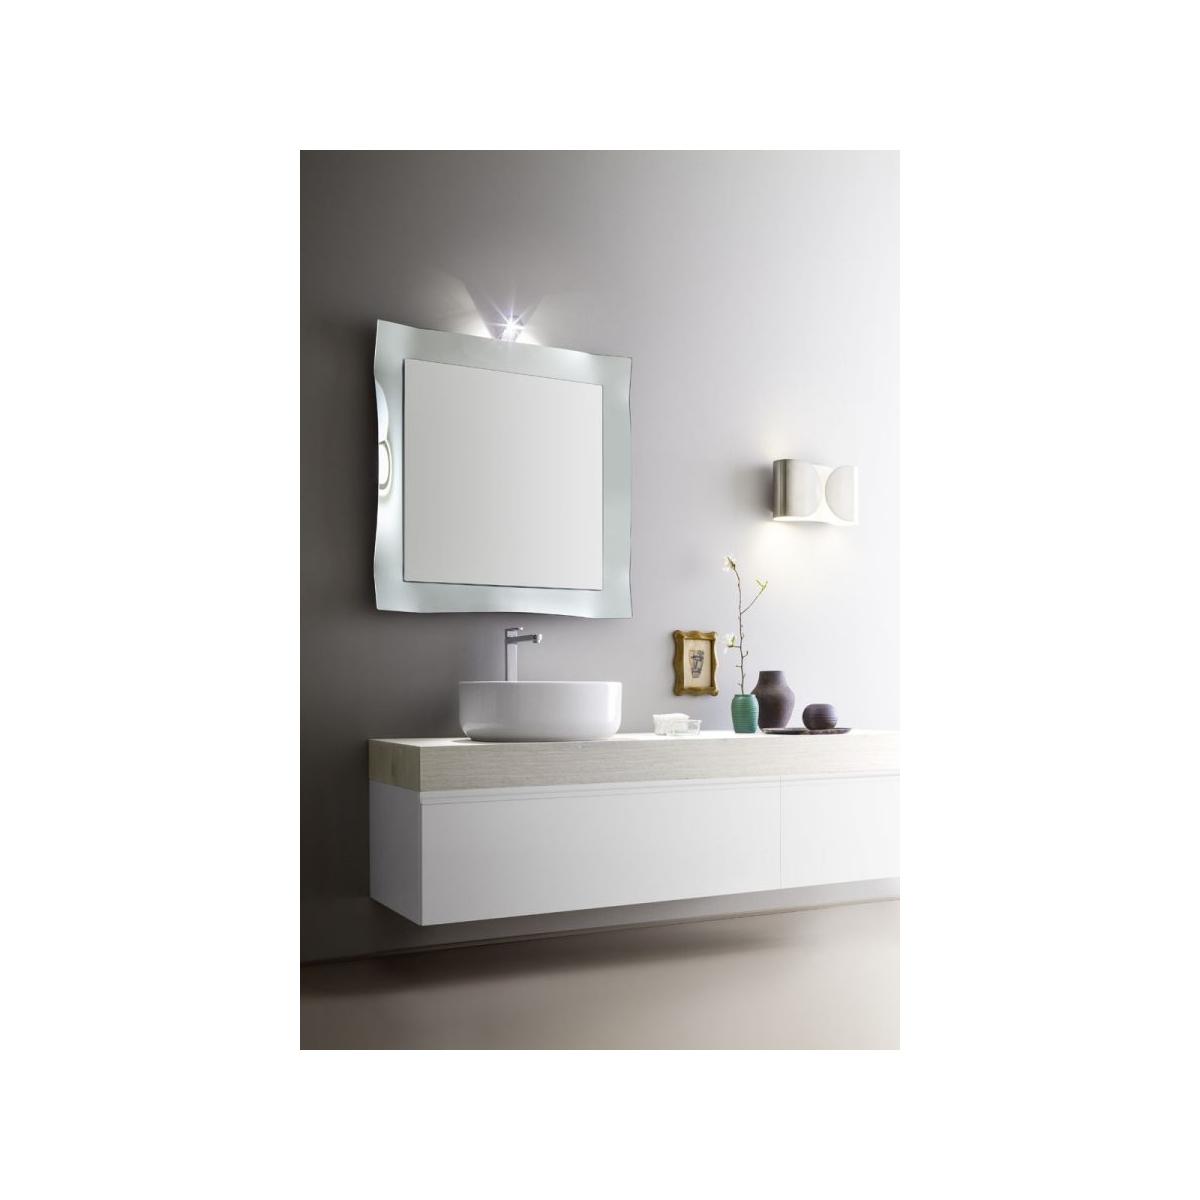 Armadietto Bagno Moderno mobile bagno minimale, moderno, bianco lucido e rovere